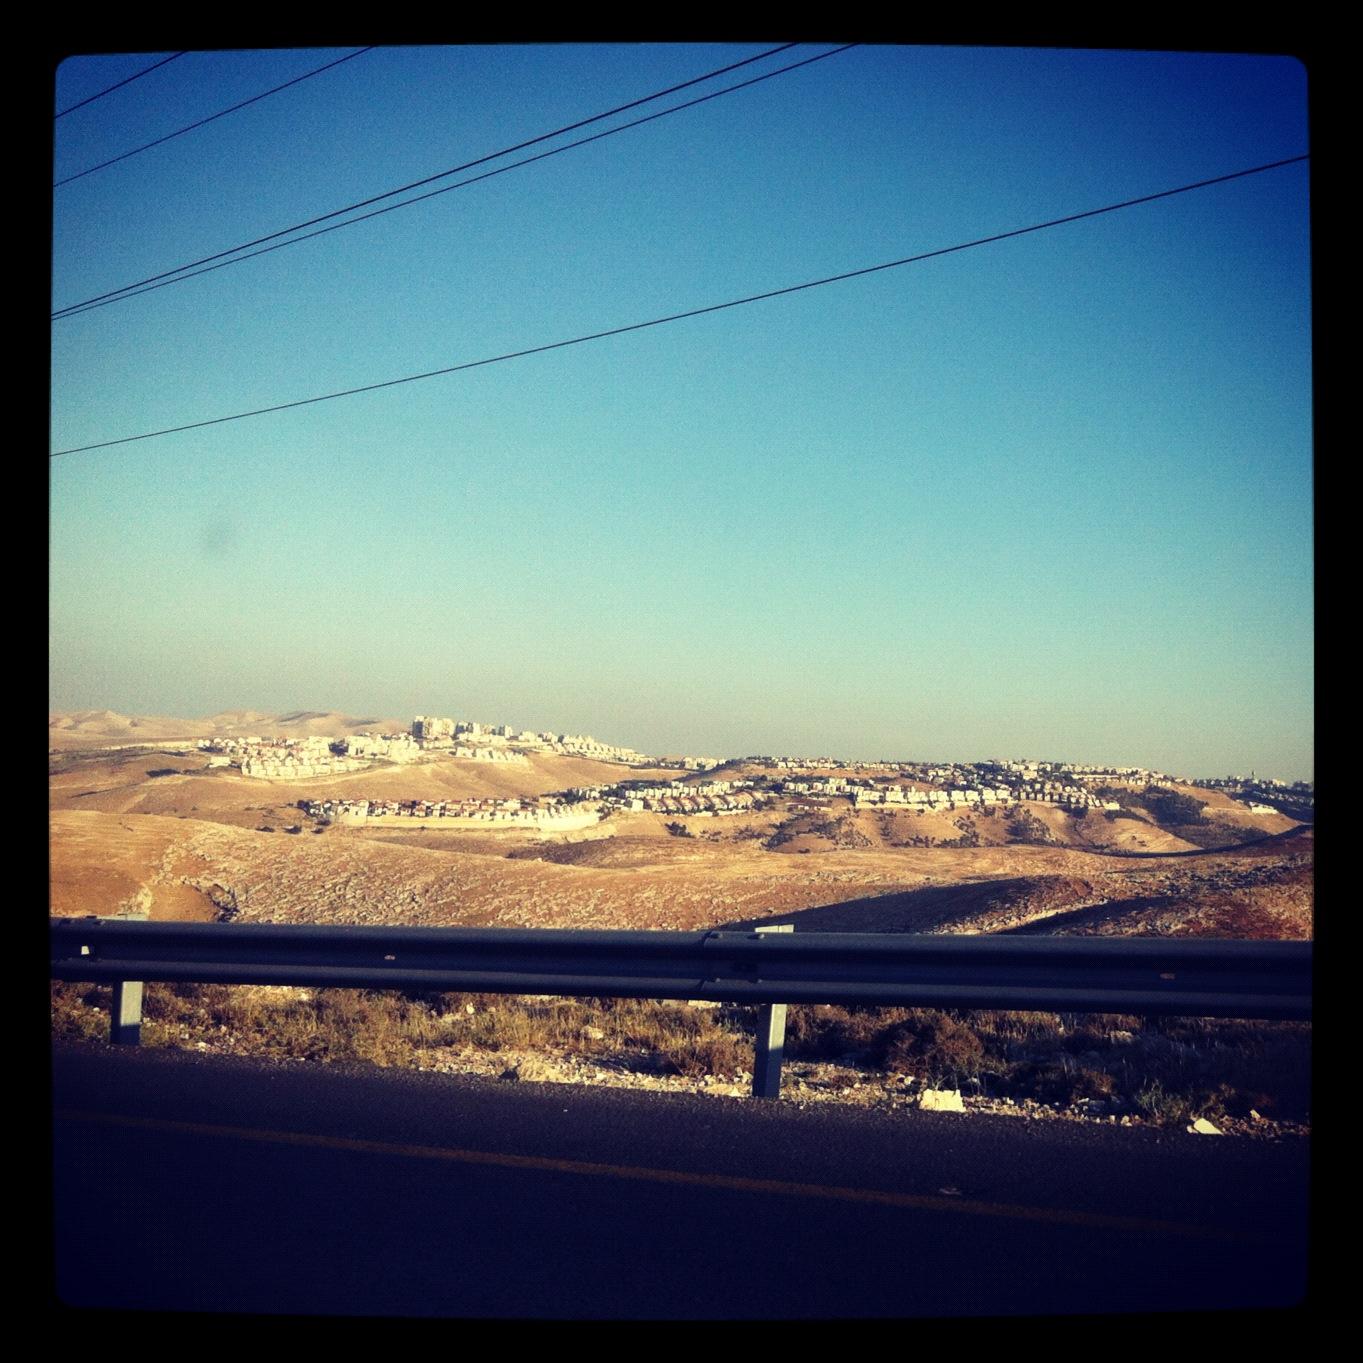 La colonie de Maale Adumim, une des plus importantes de Cisjordanie.www.merblanche.com al rights reserved